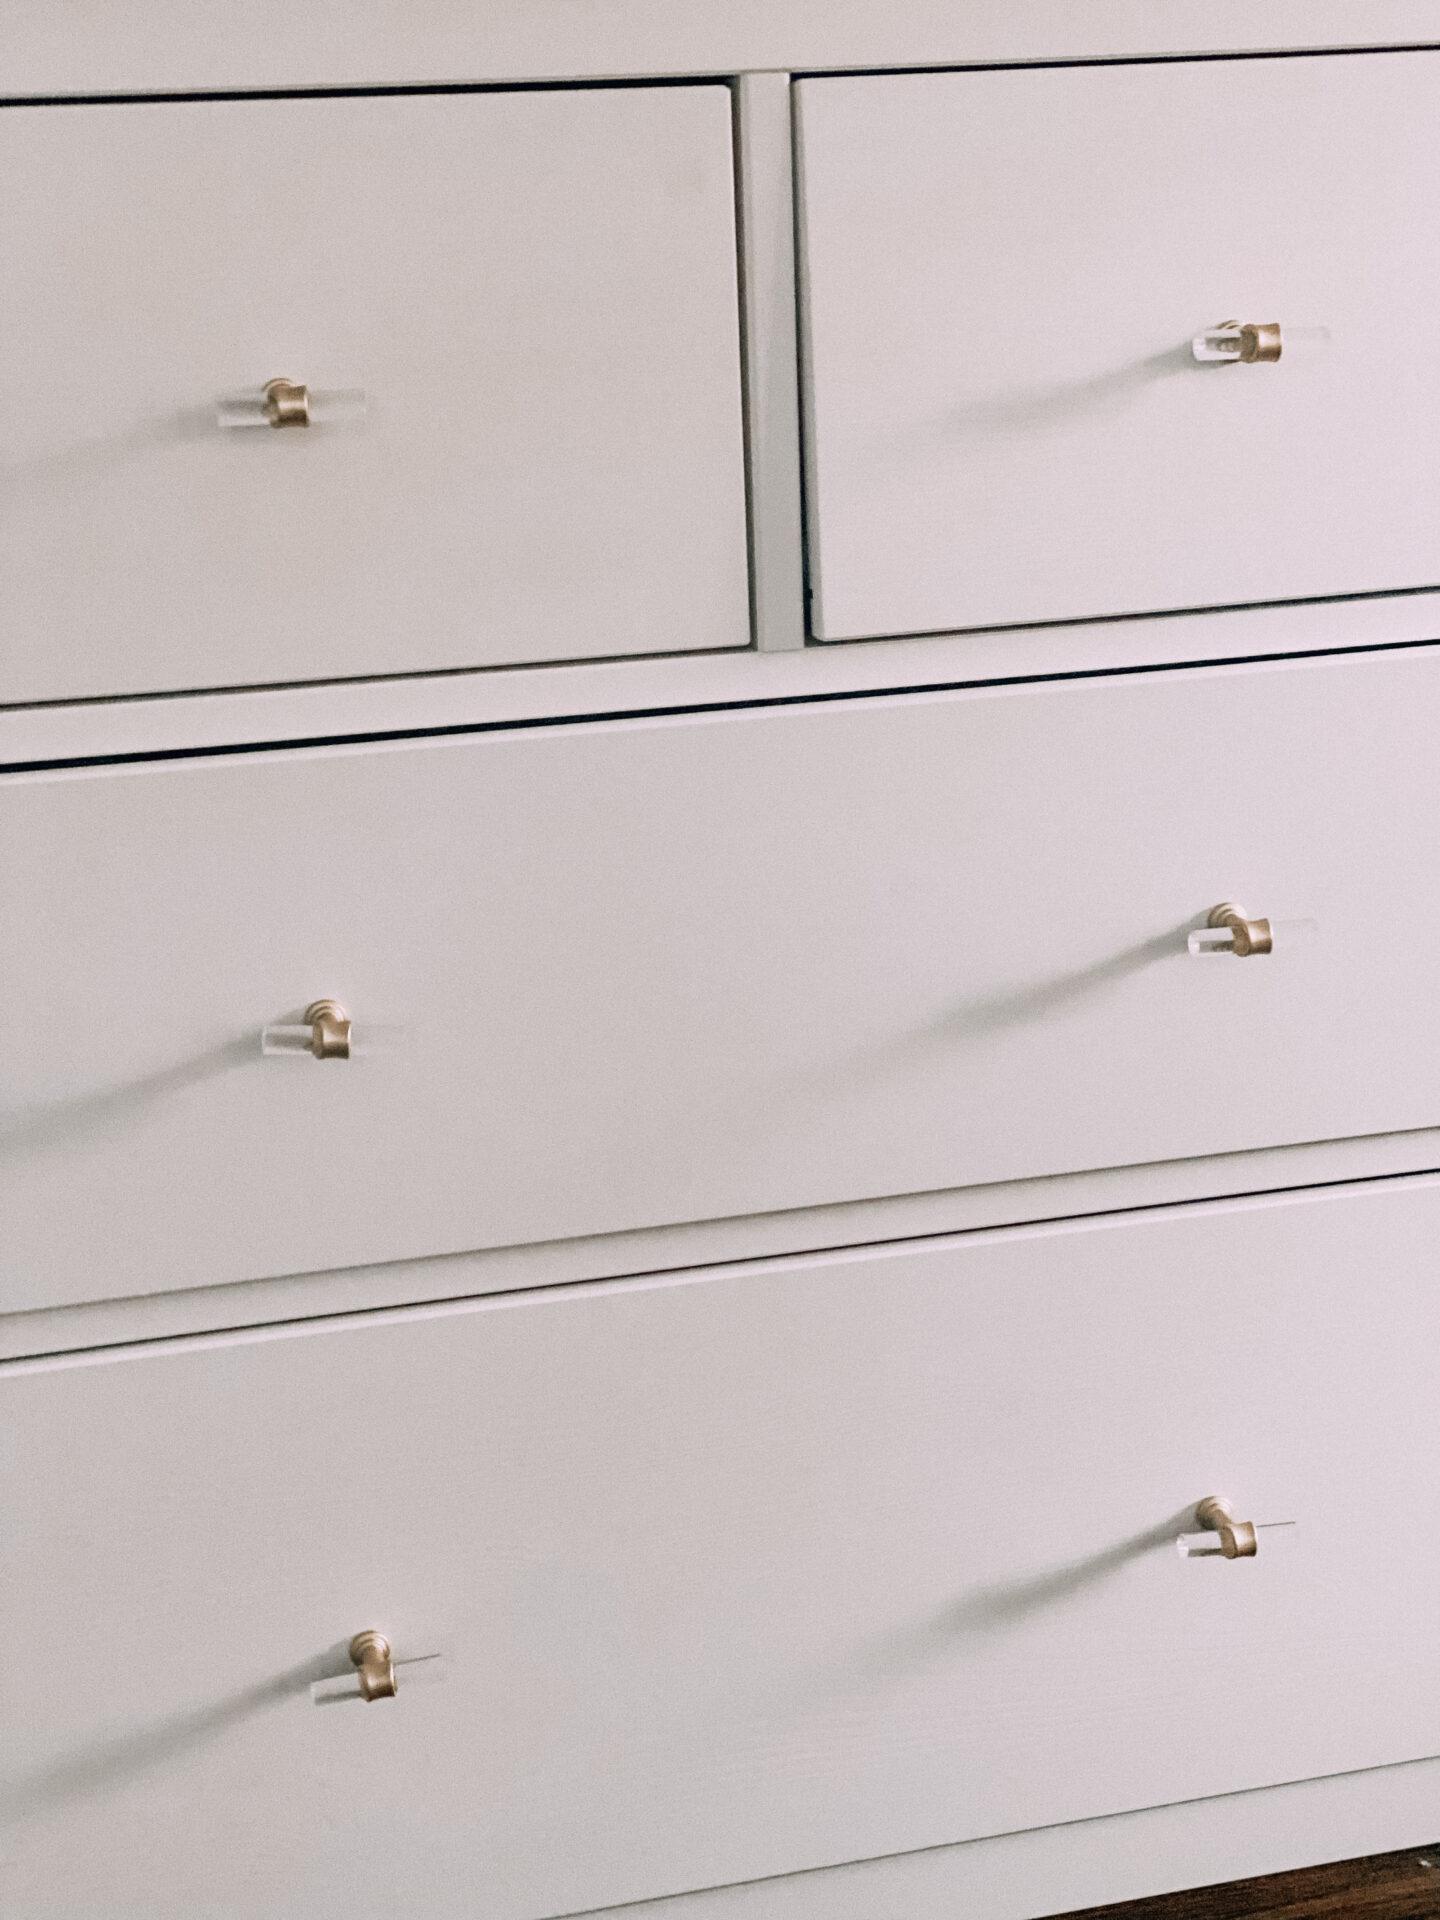 Amazon acrylic drawer pulls